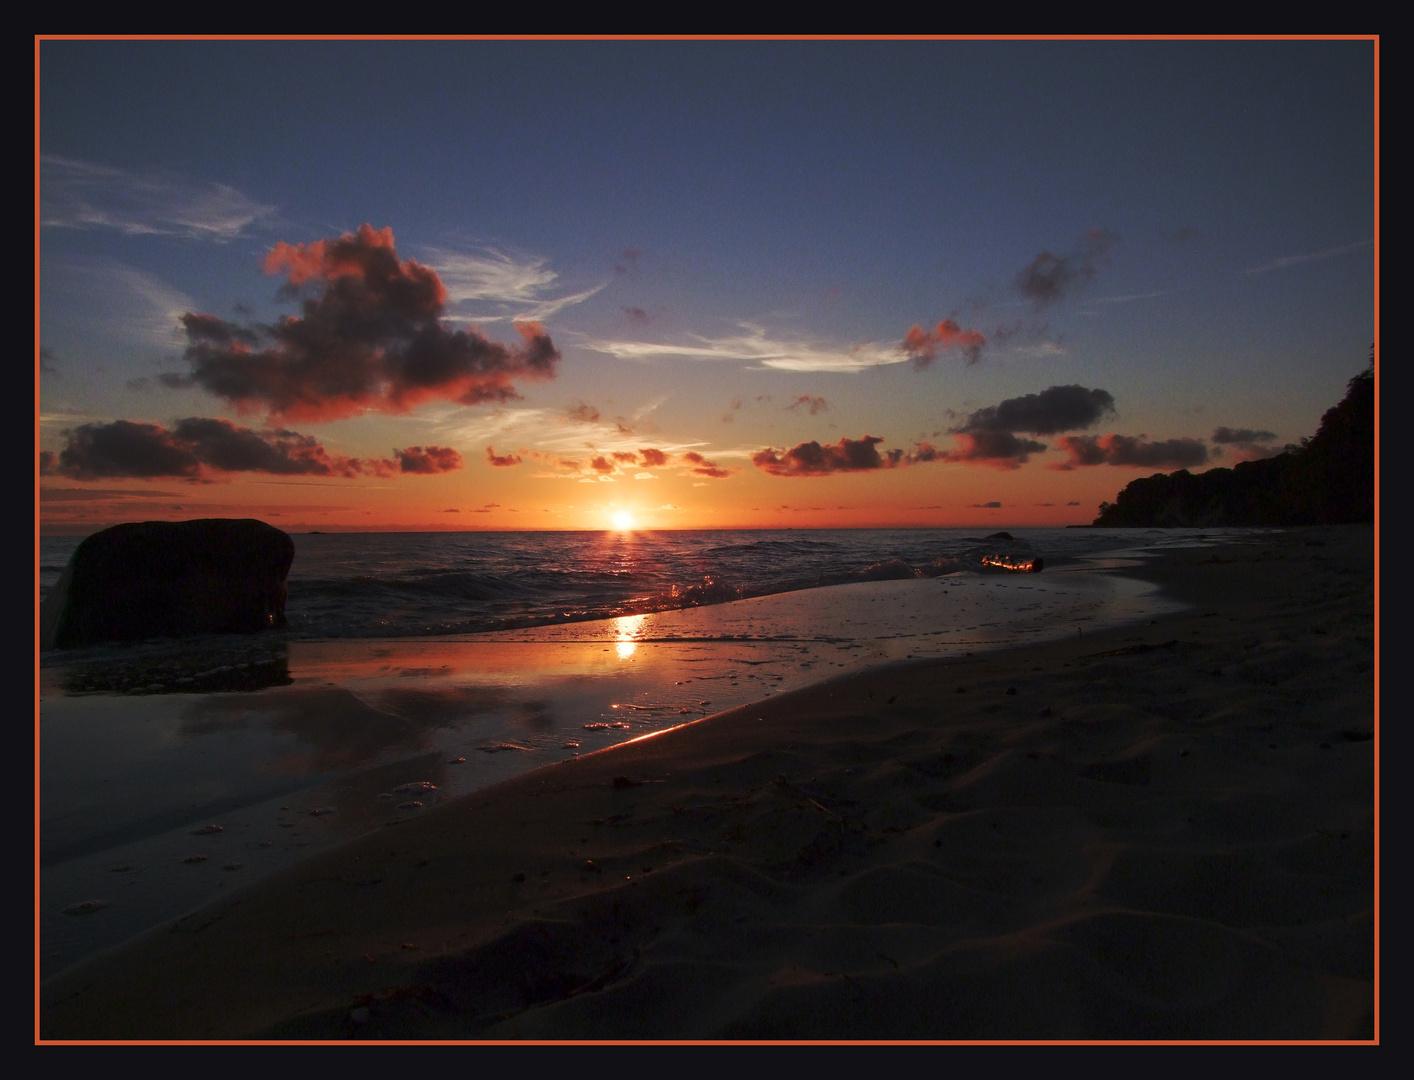 Das Warten ist vorbei.....Die Sonne ist aufgegangen.....